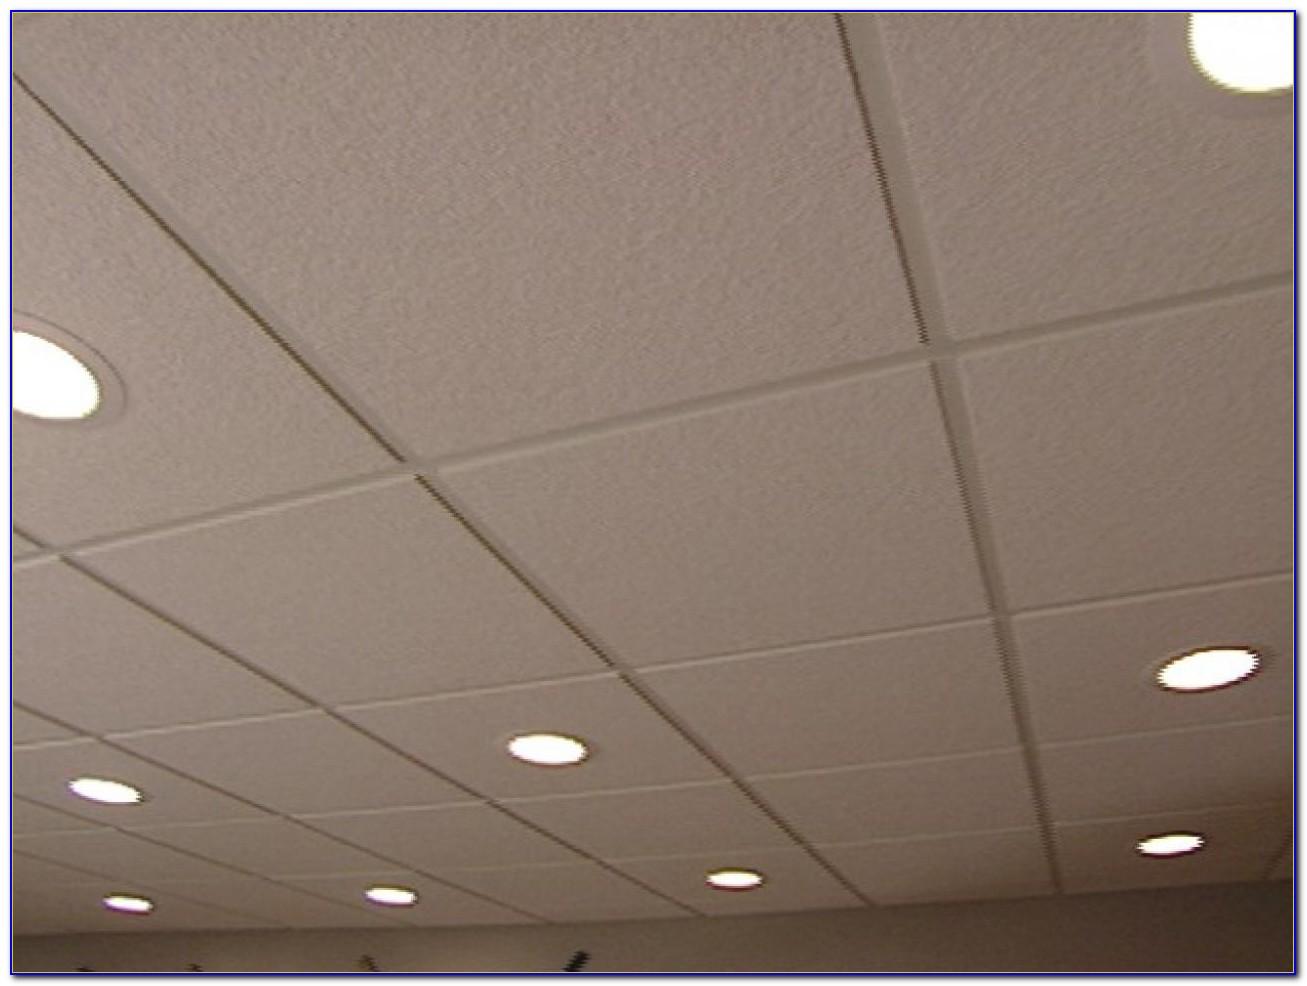 Recessed Lighting In Drop Ceiling Diy